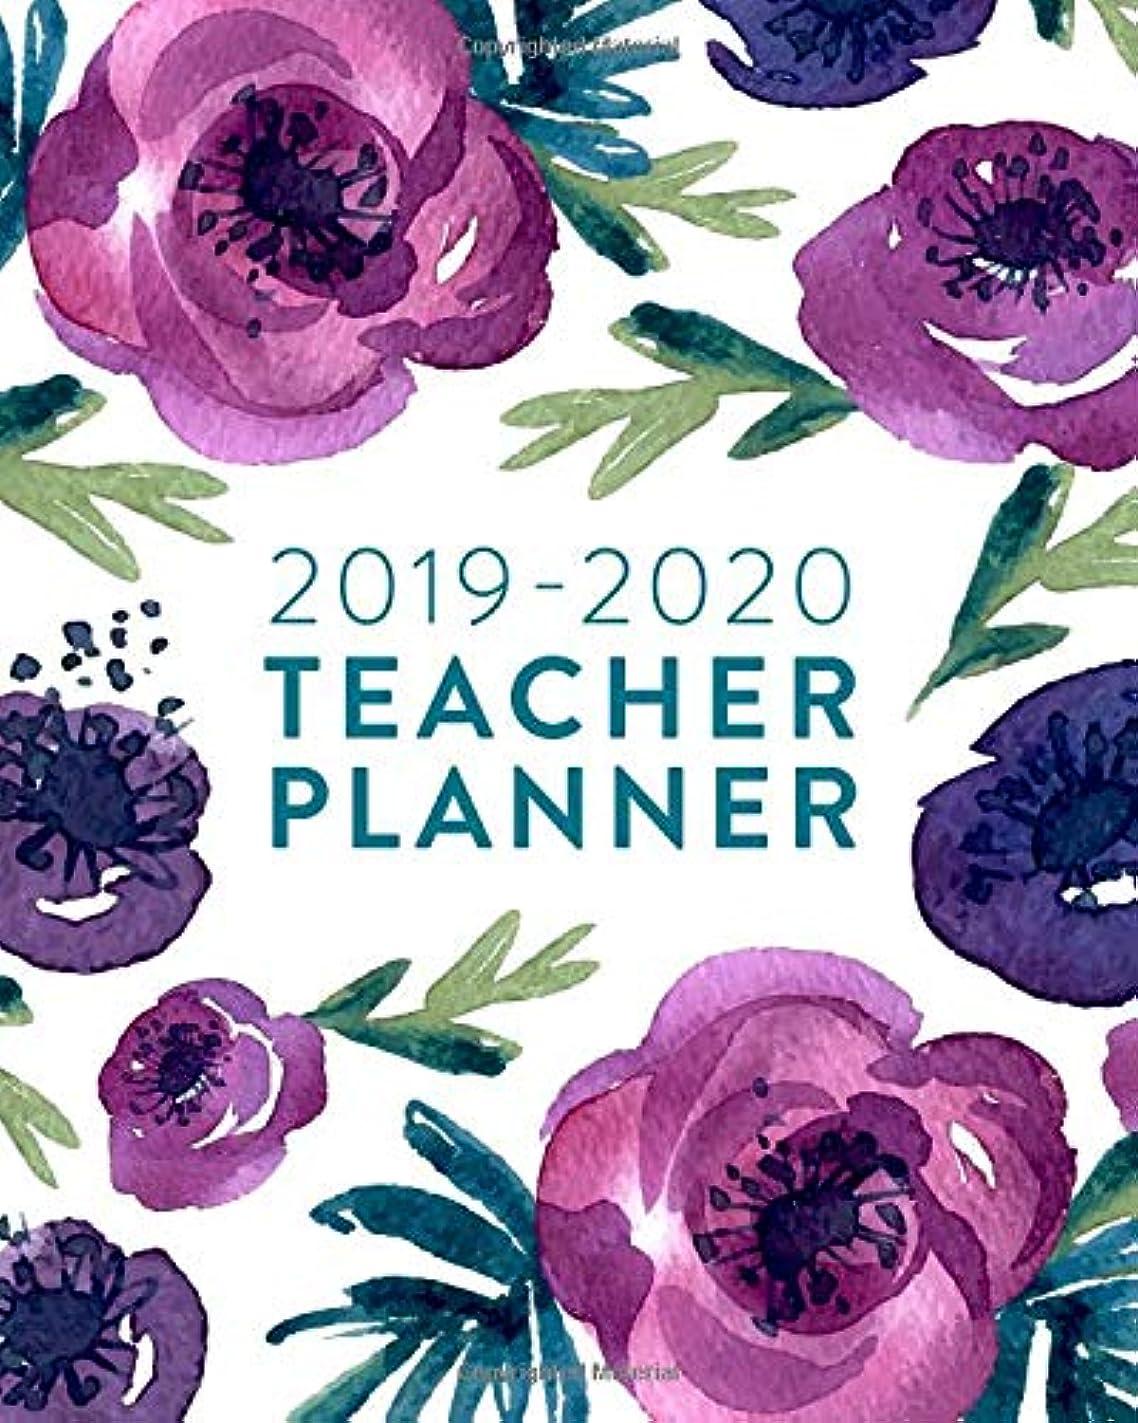 戻す受け継ぐ愛情深い2019-2020 Teacher Planner (2019 2020 12-Month Teacher Academic Lesson Daily Weekly Monthly Planner, Organizer, Agenda and Calendar)